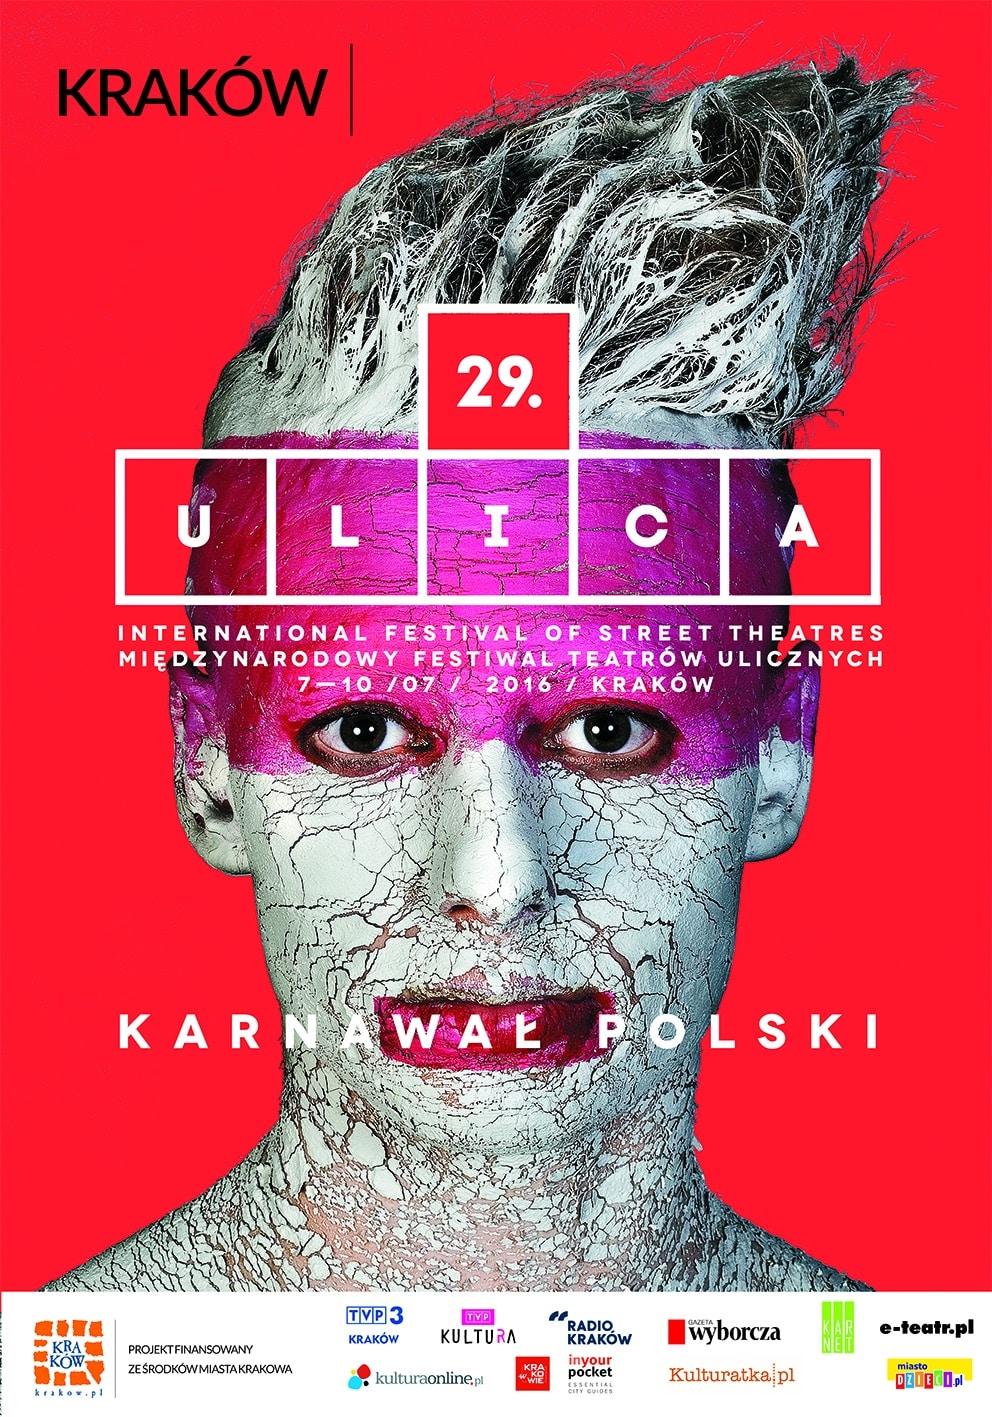 29. ULICA Międzynarodowy Festiwal Teatrów Ulicznych